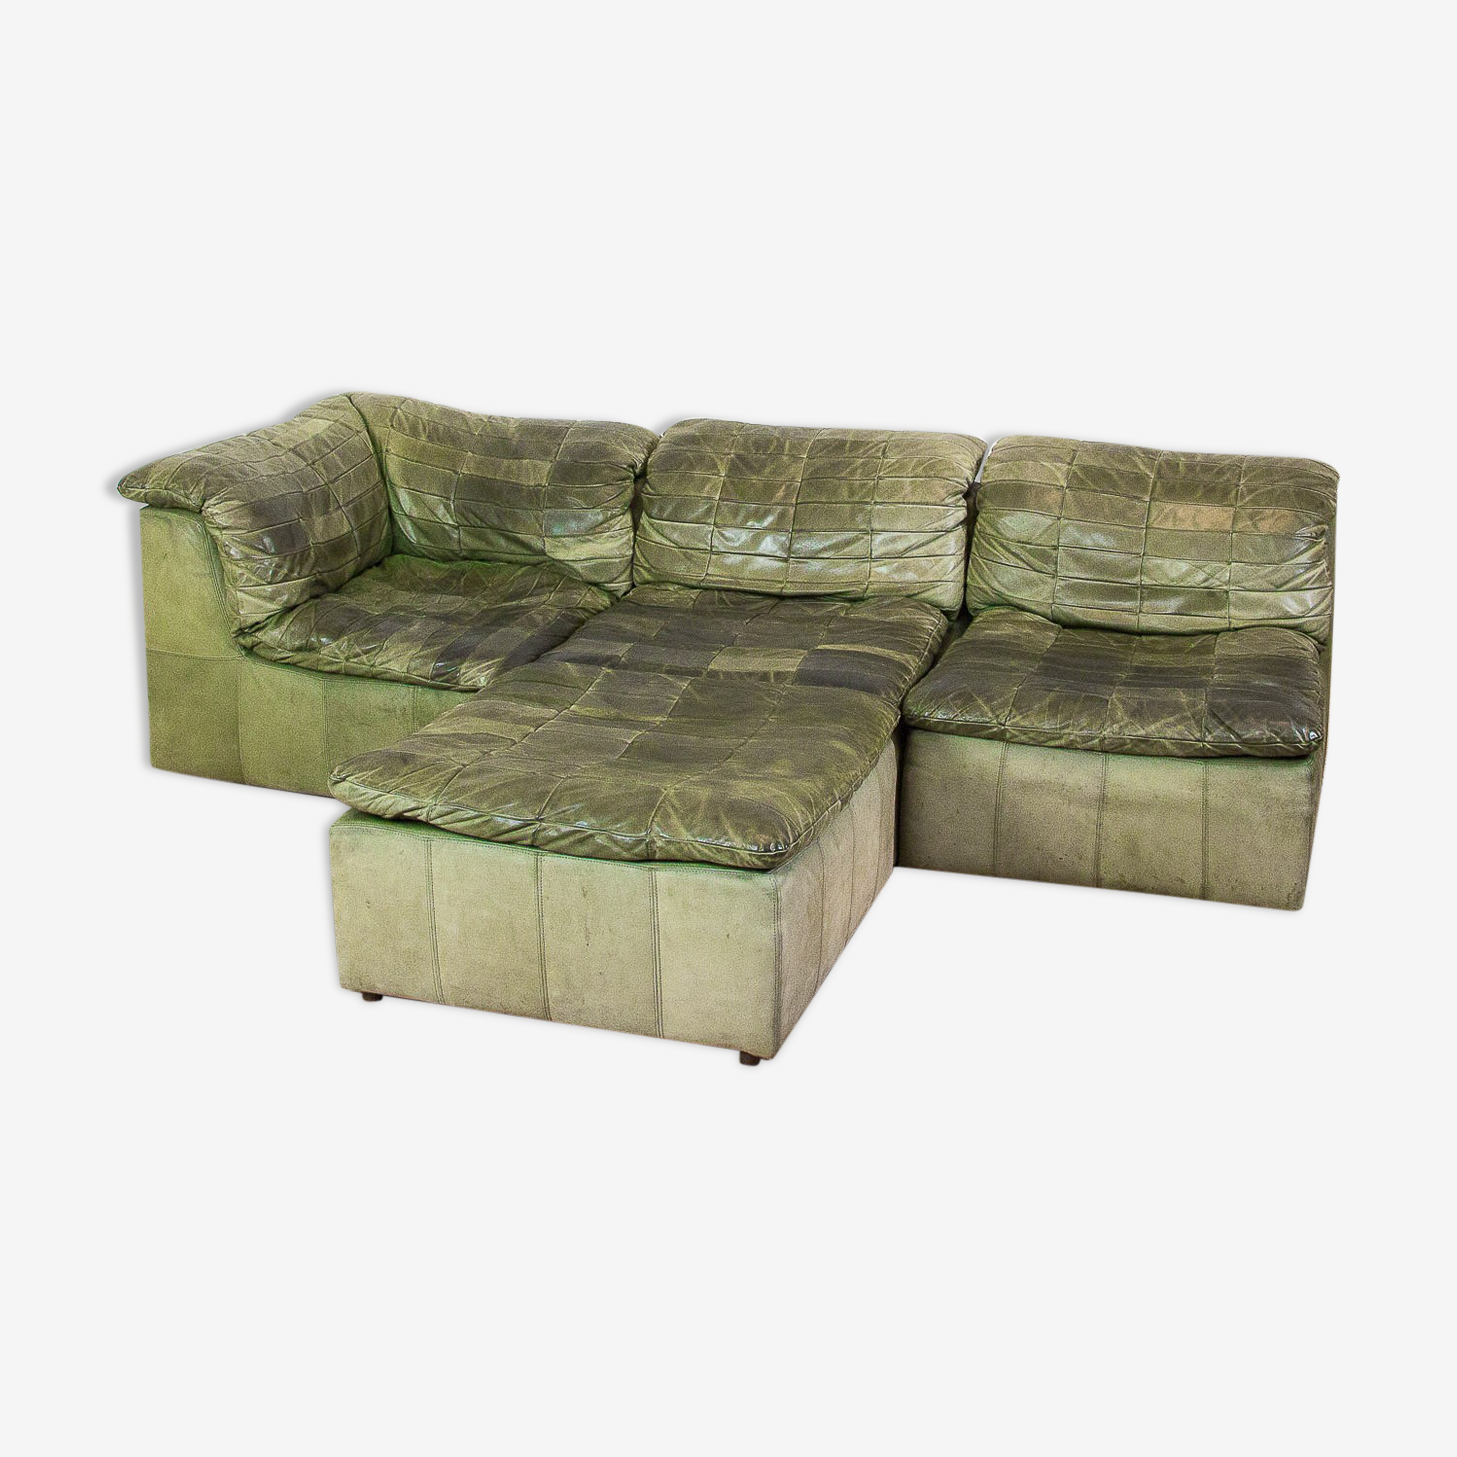 Modular Laauser patchwork sofa